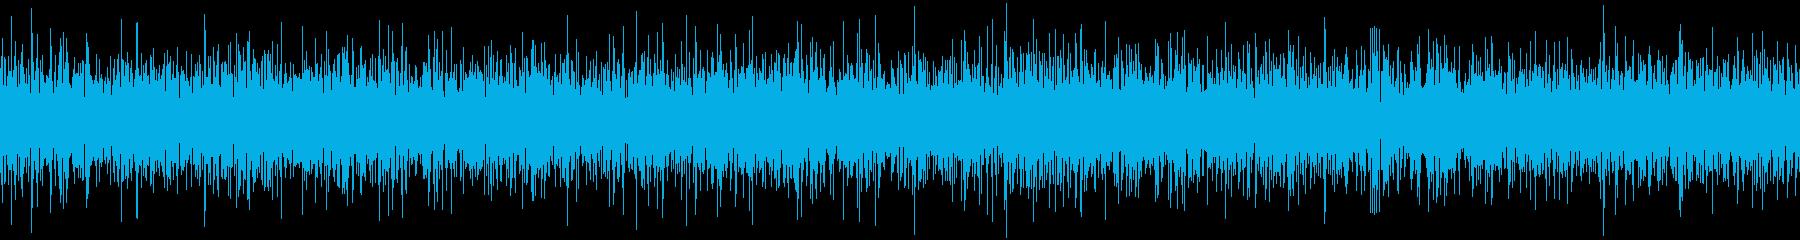 ザァー(AMラジオのノイズB)ループ処理の再生済みの波形